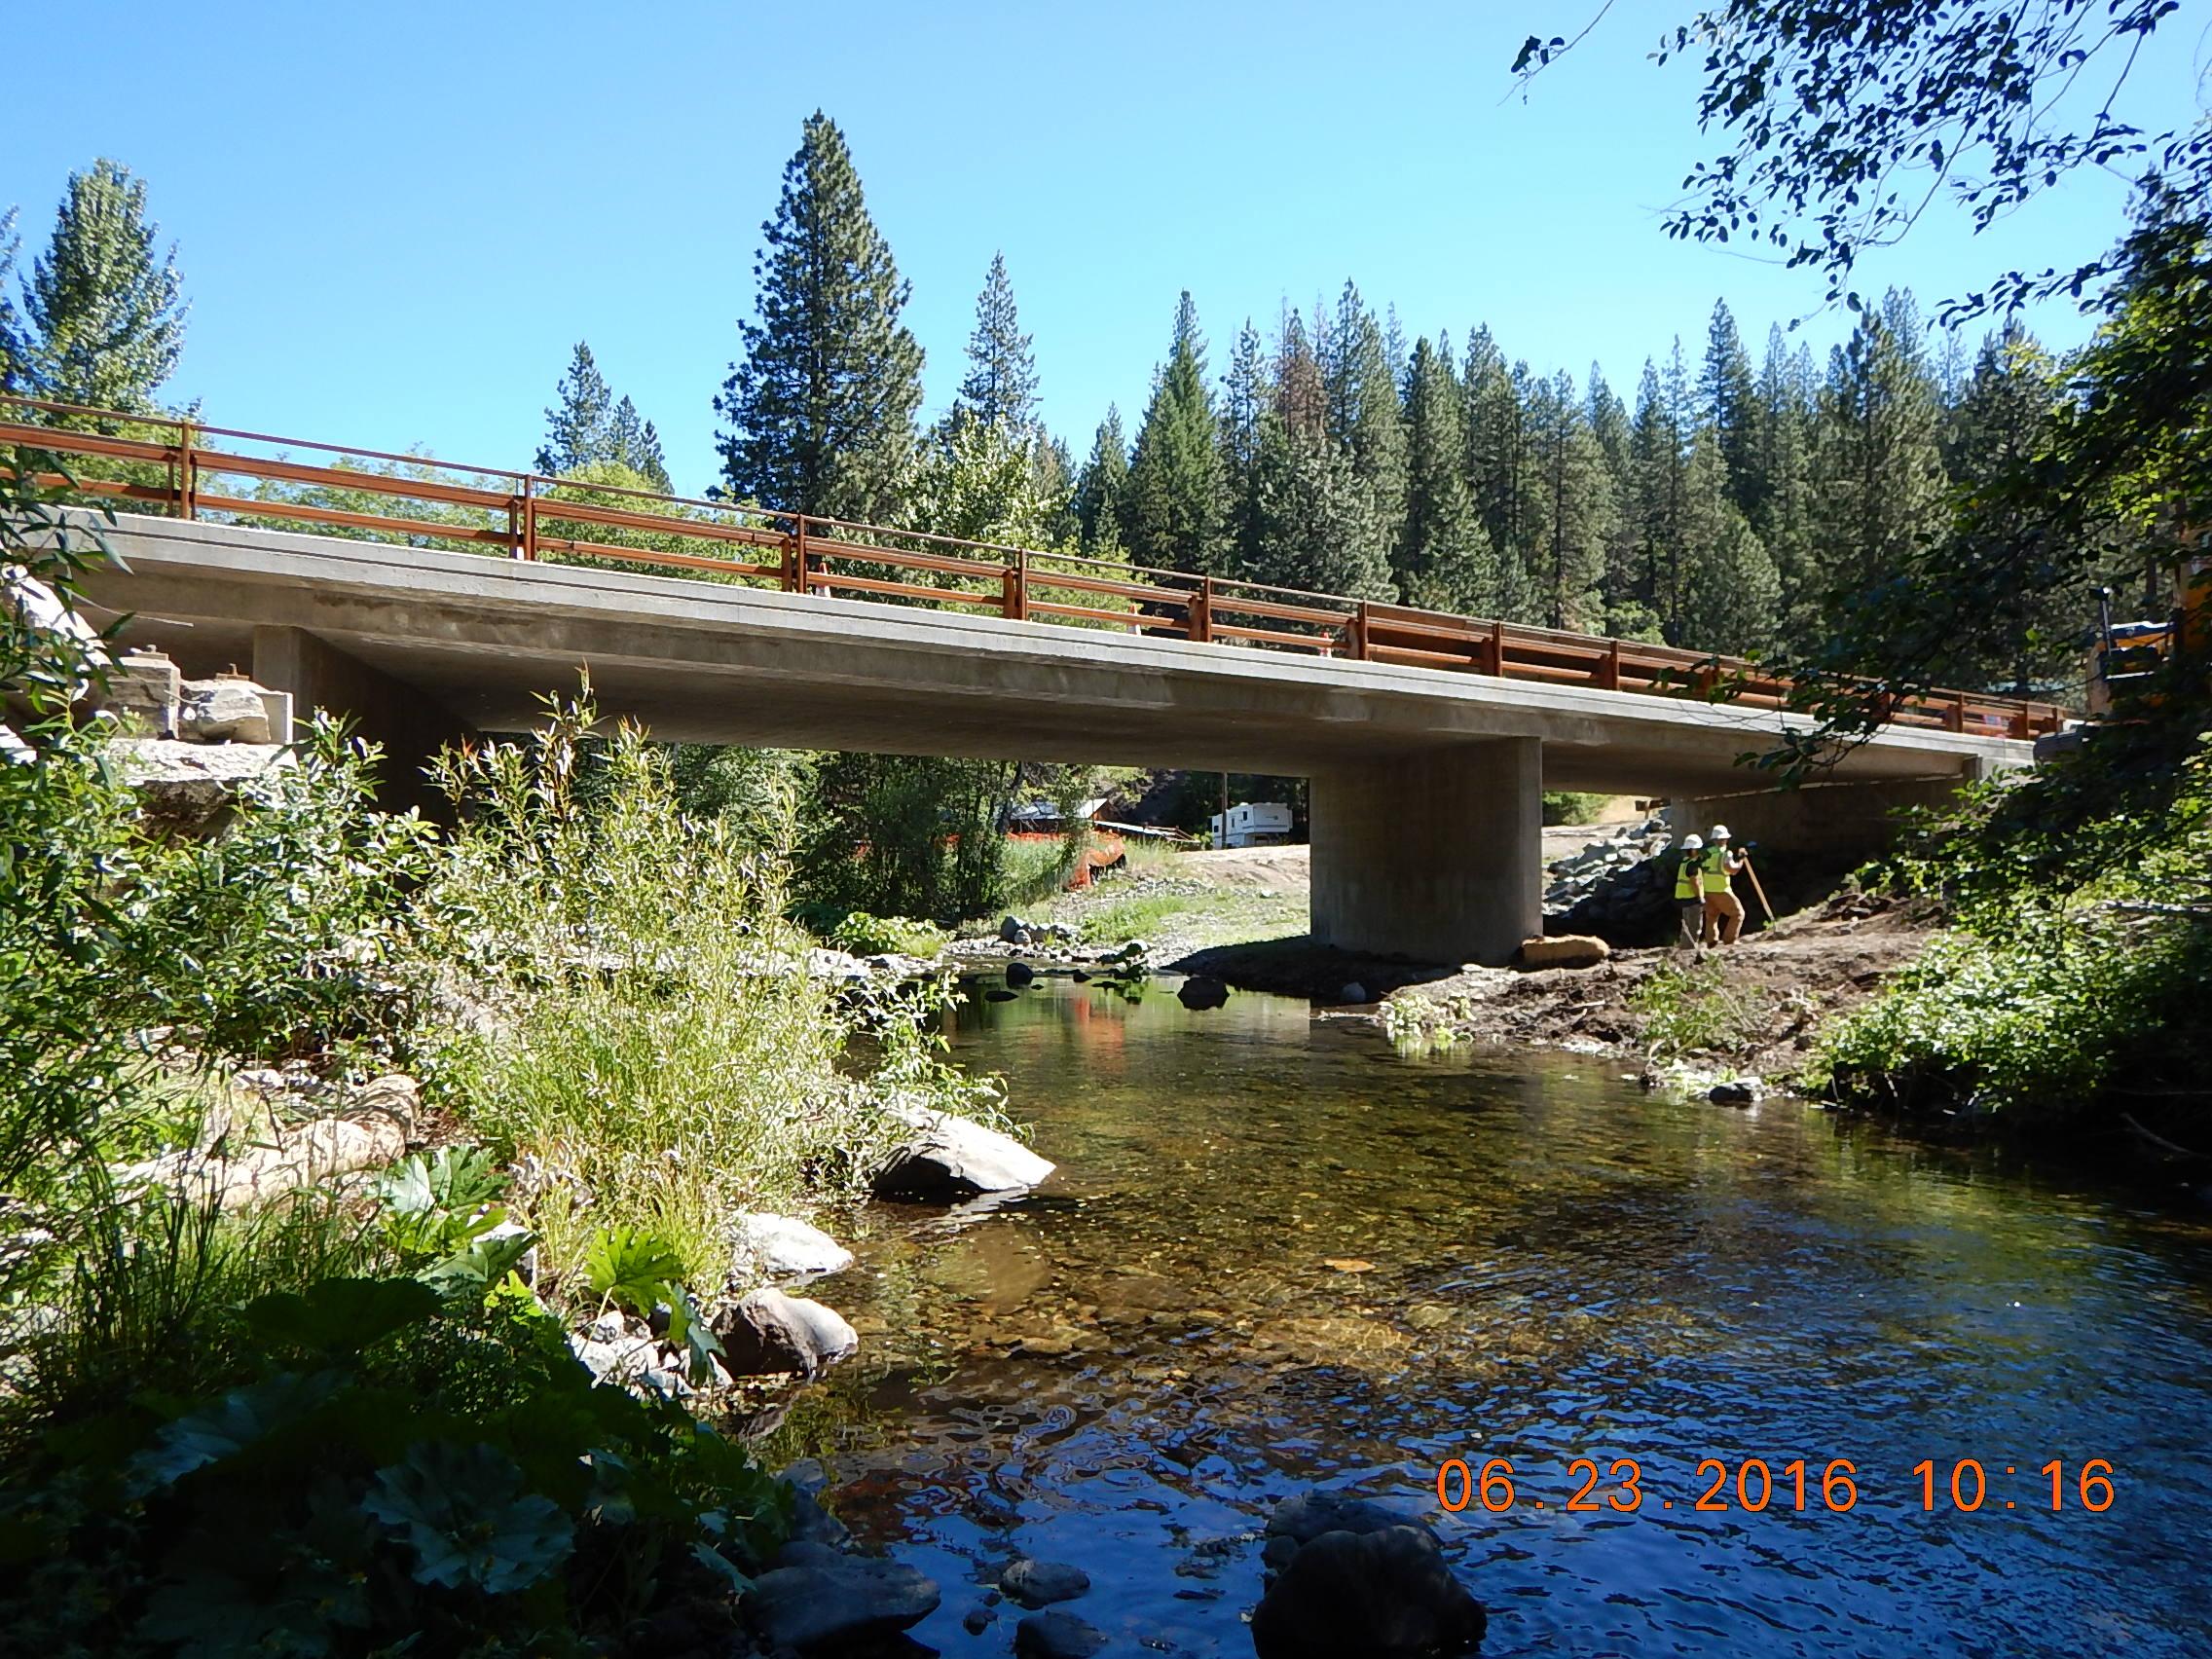 Trinity_Hayfork-Bridge_2